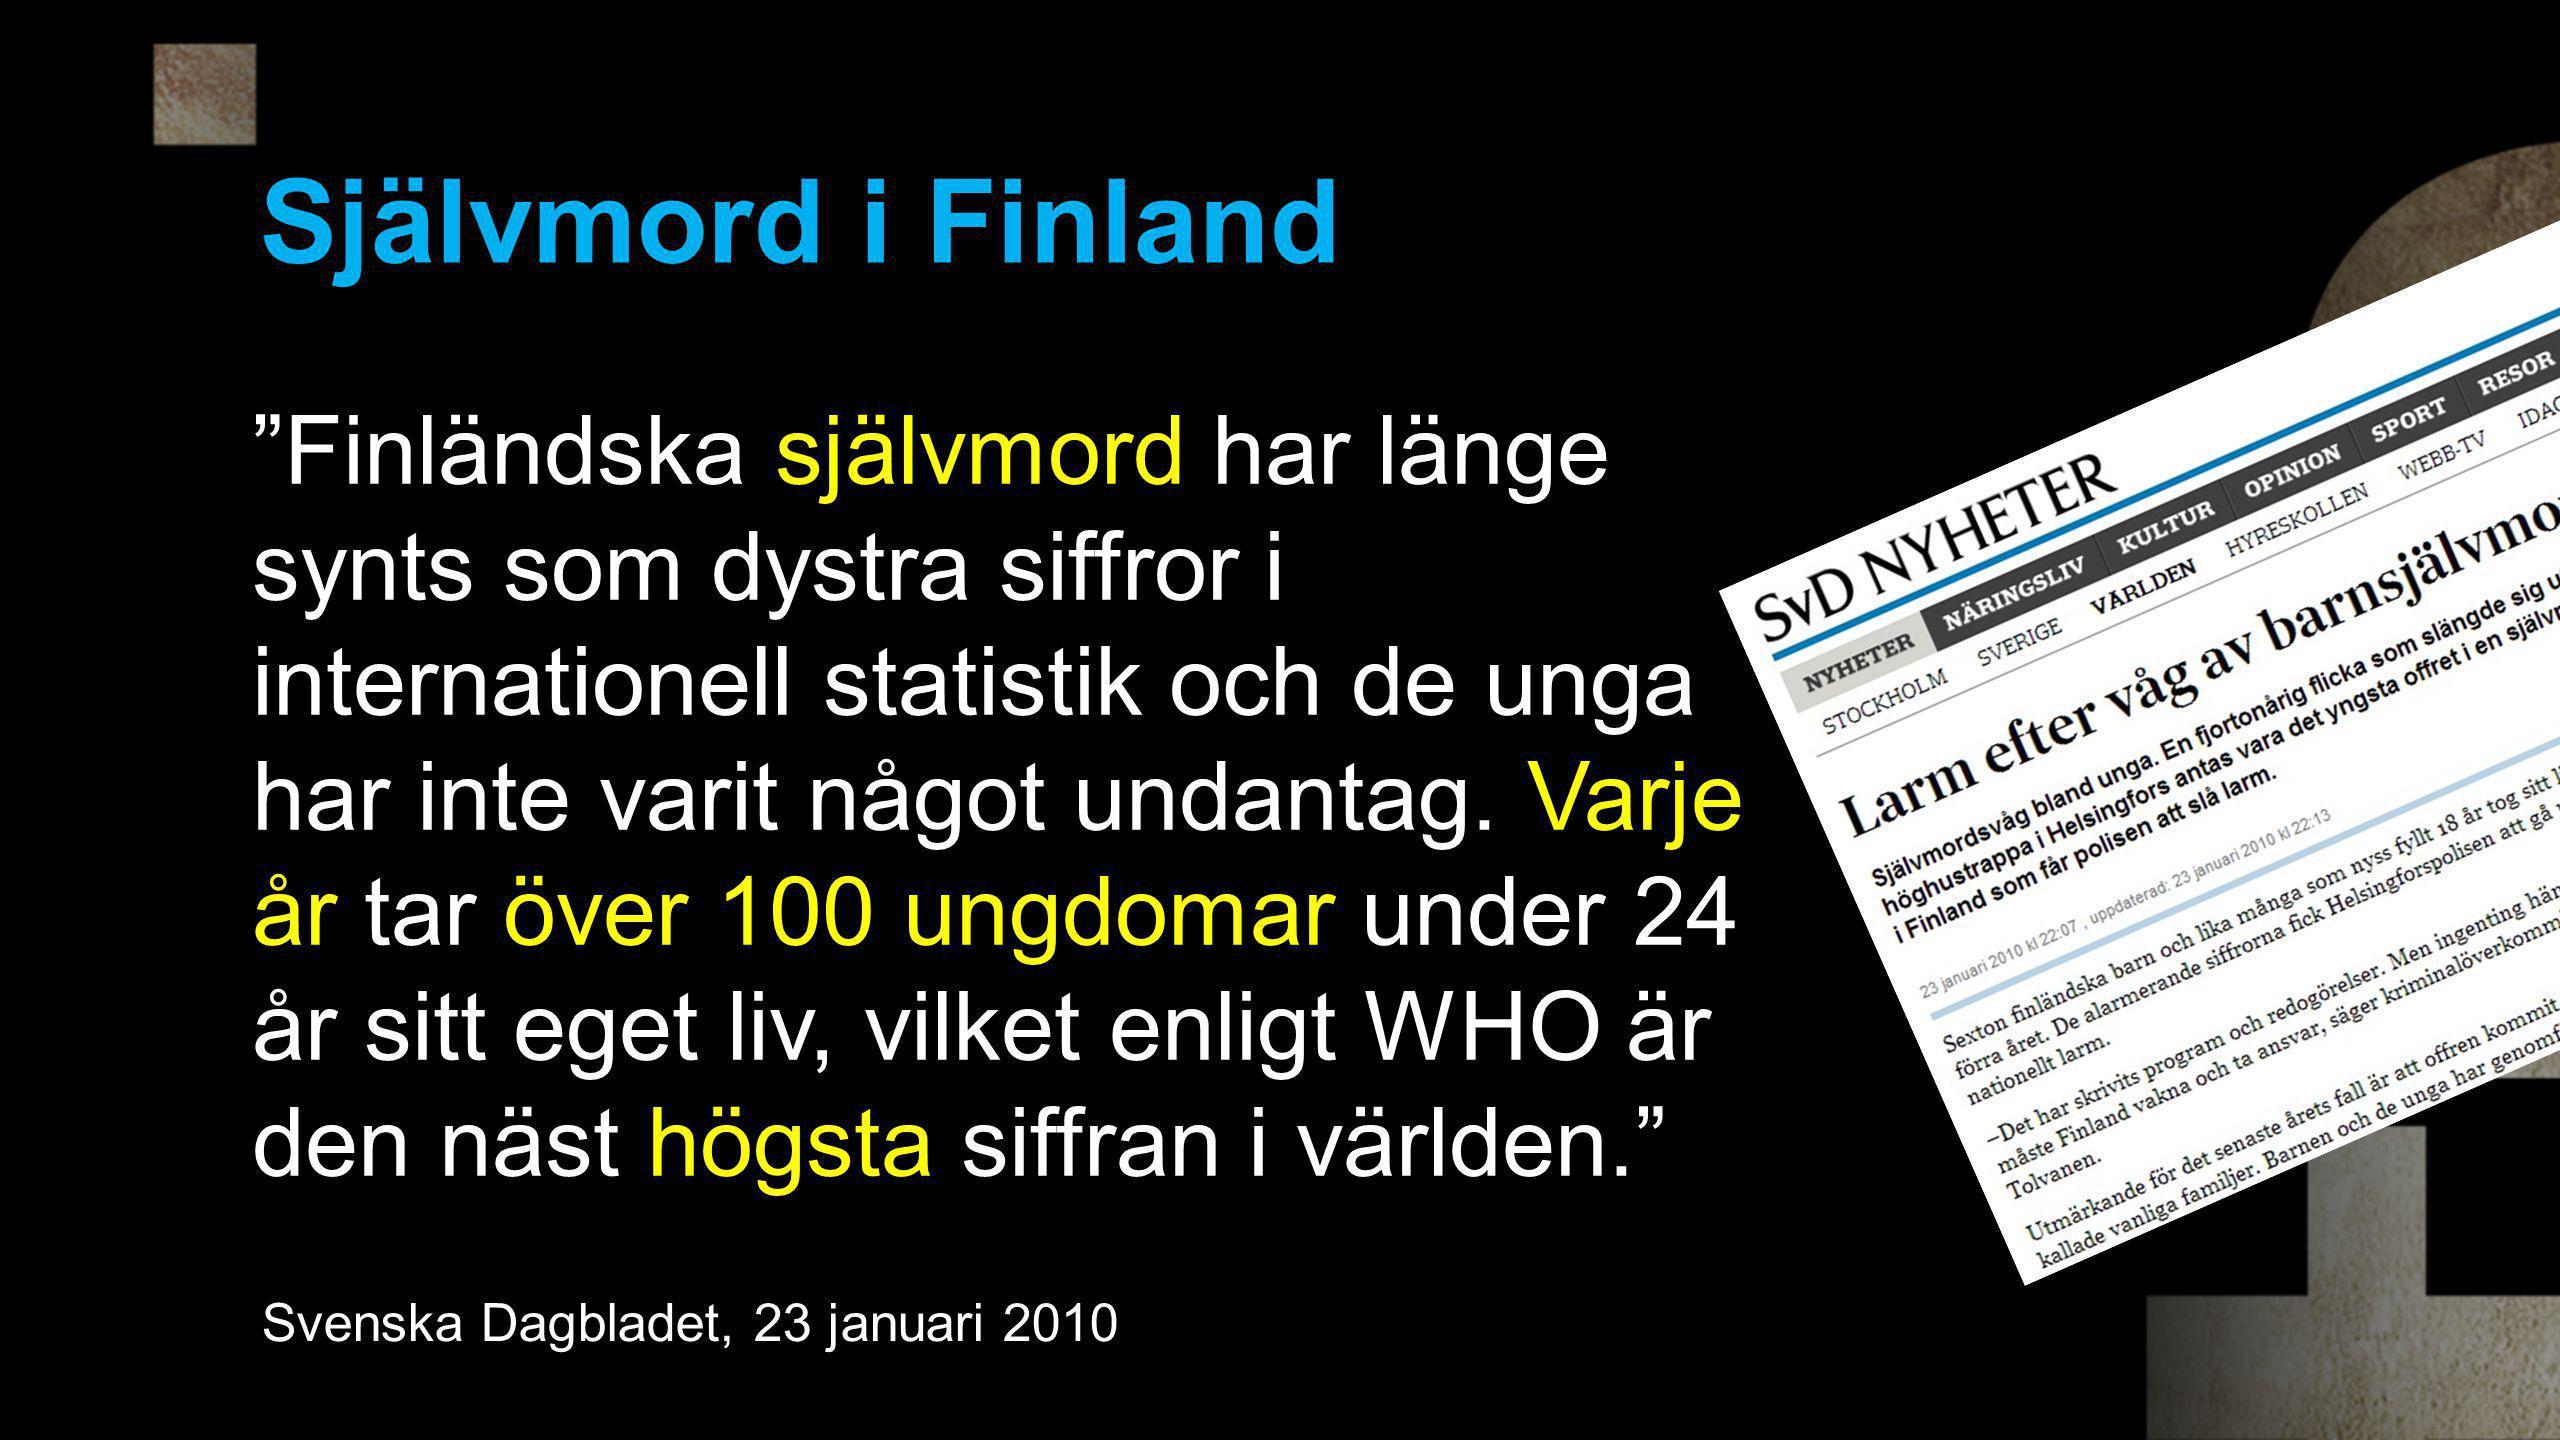 Självmord i Finland Finländska självmord har länge synts som dystra siffror i internationell statistik och de unga har inte varit något undantag.